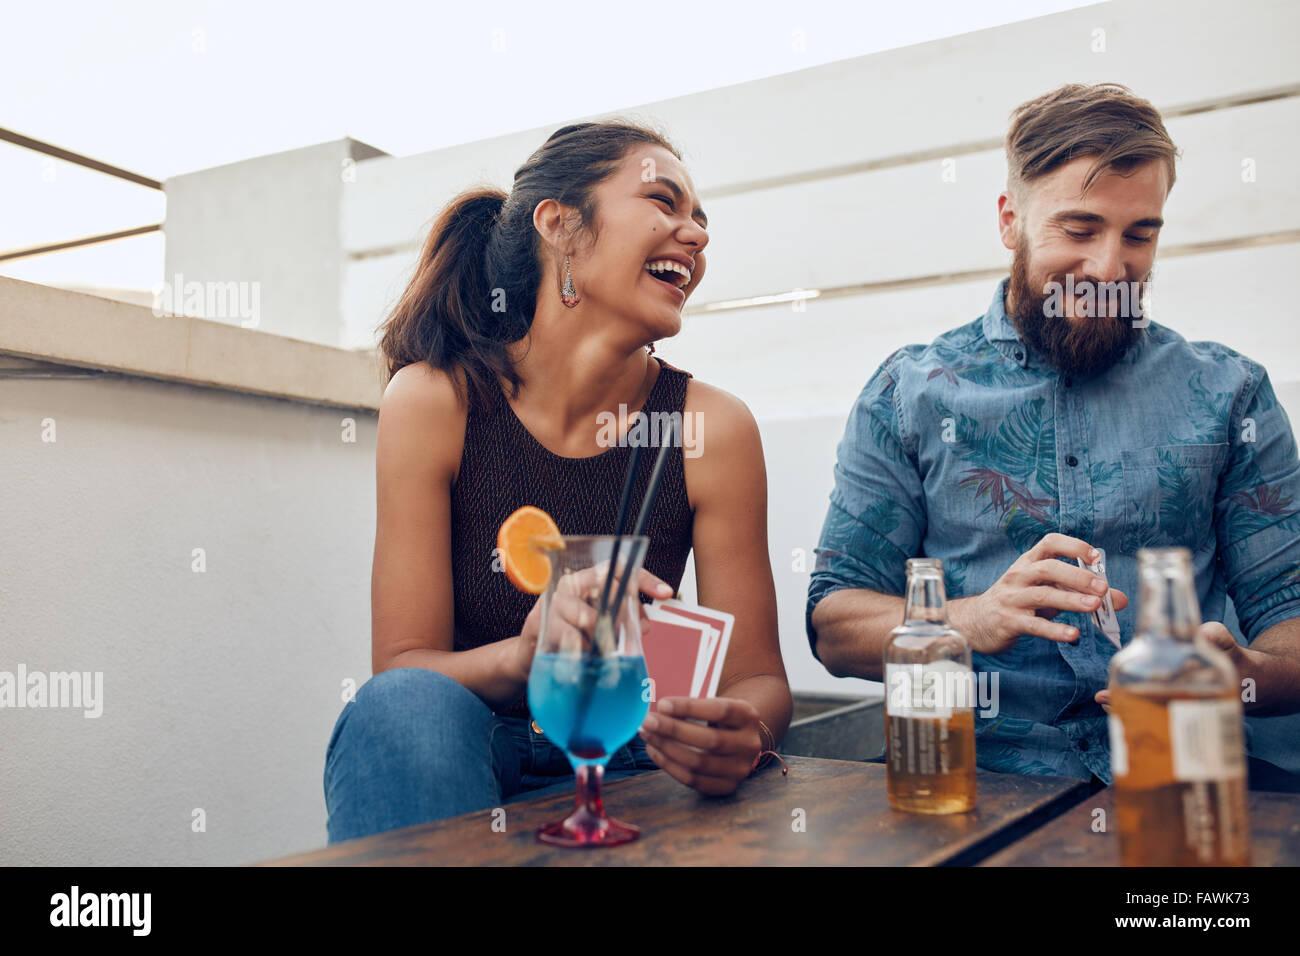 Paar von einem Tisch gefeiert und Spielkarten sitzt. Glückliche junge Mann und Frau Spielkarten während Stockbild